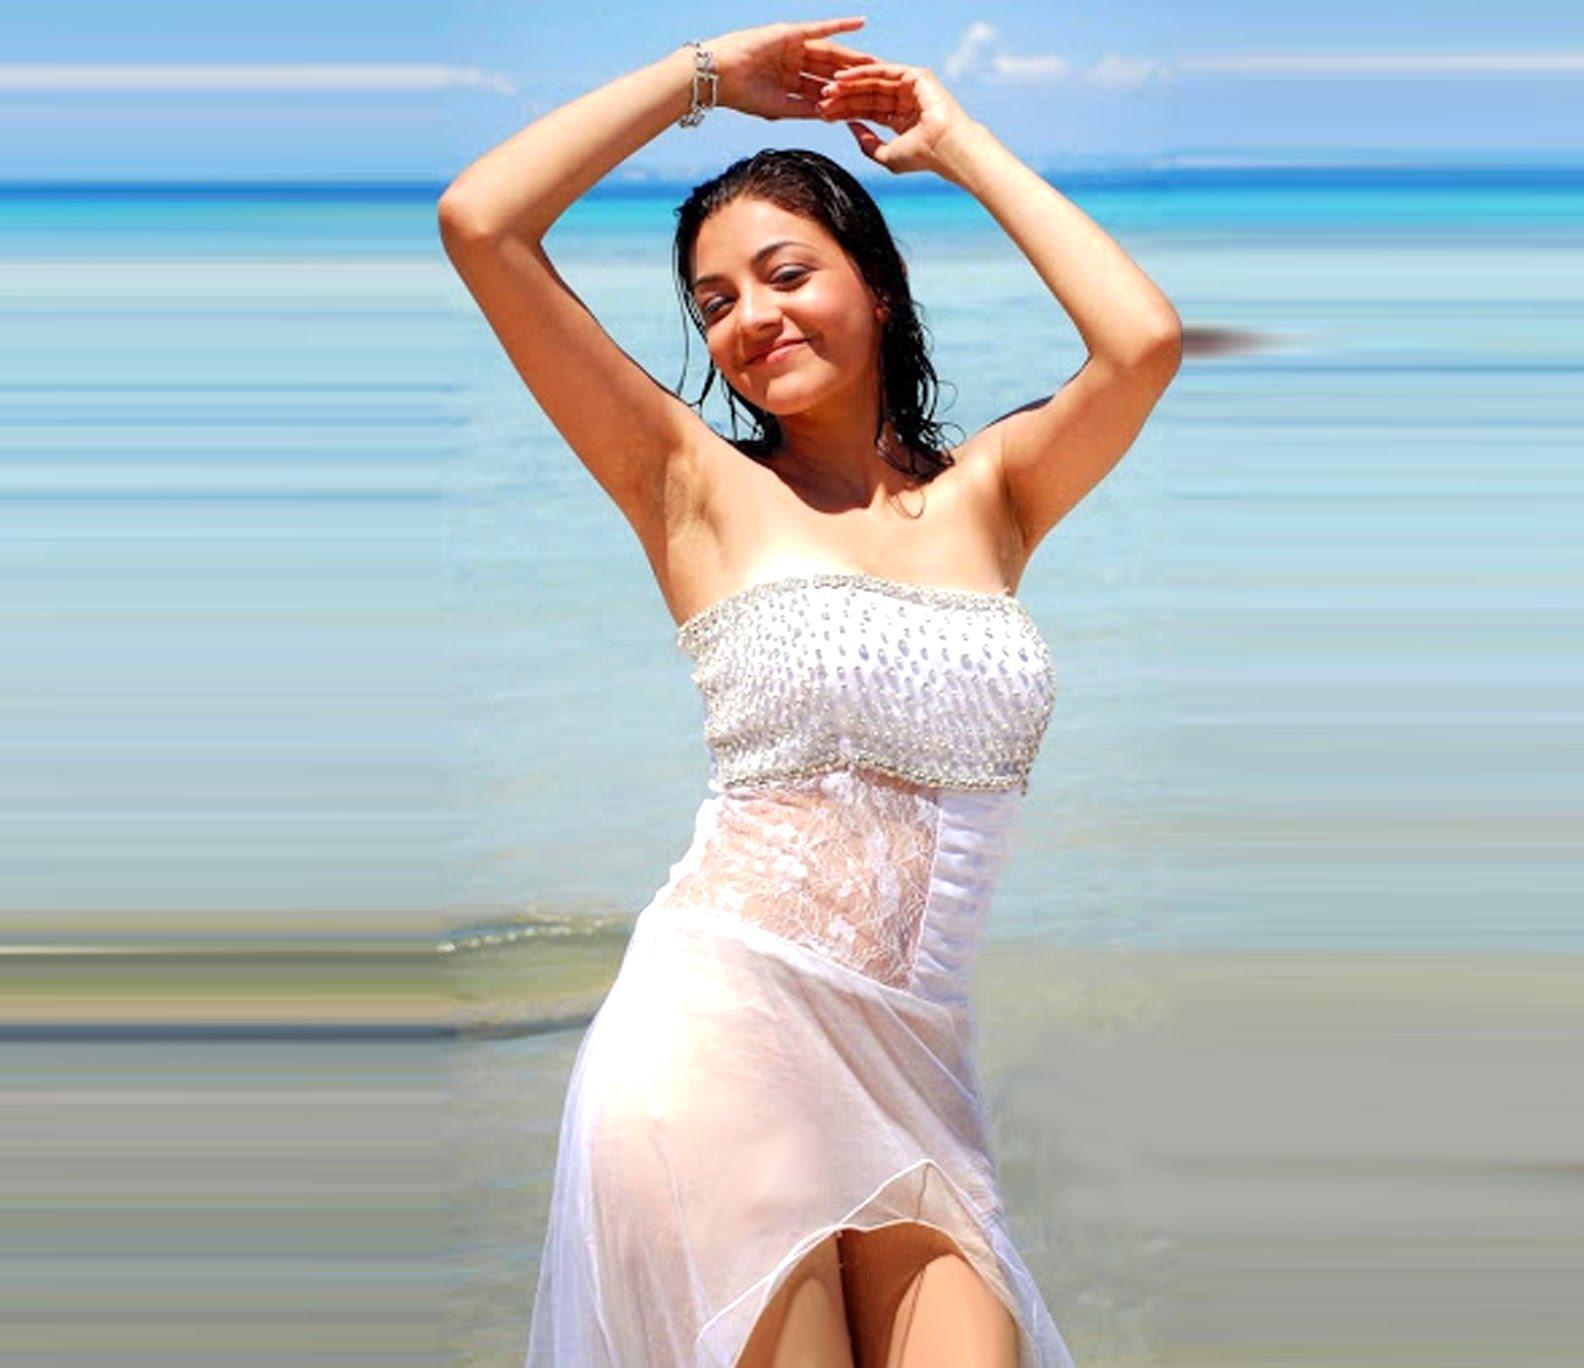 بالصور صور بنات هنديات , جميلات الهند وصور لهم 348 4